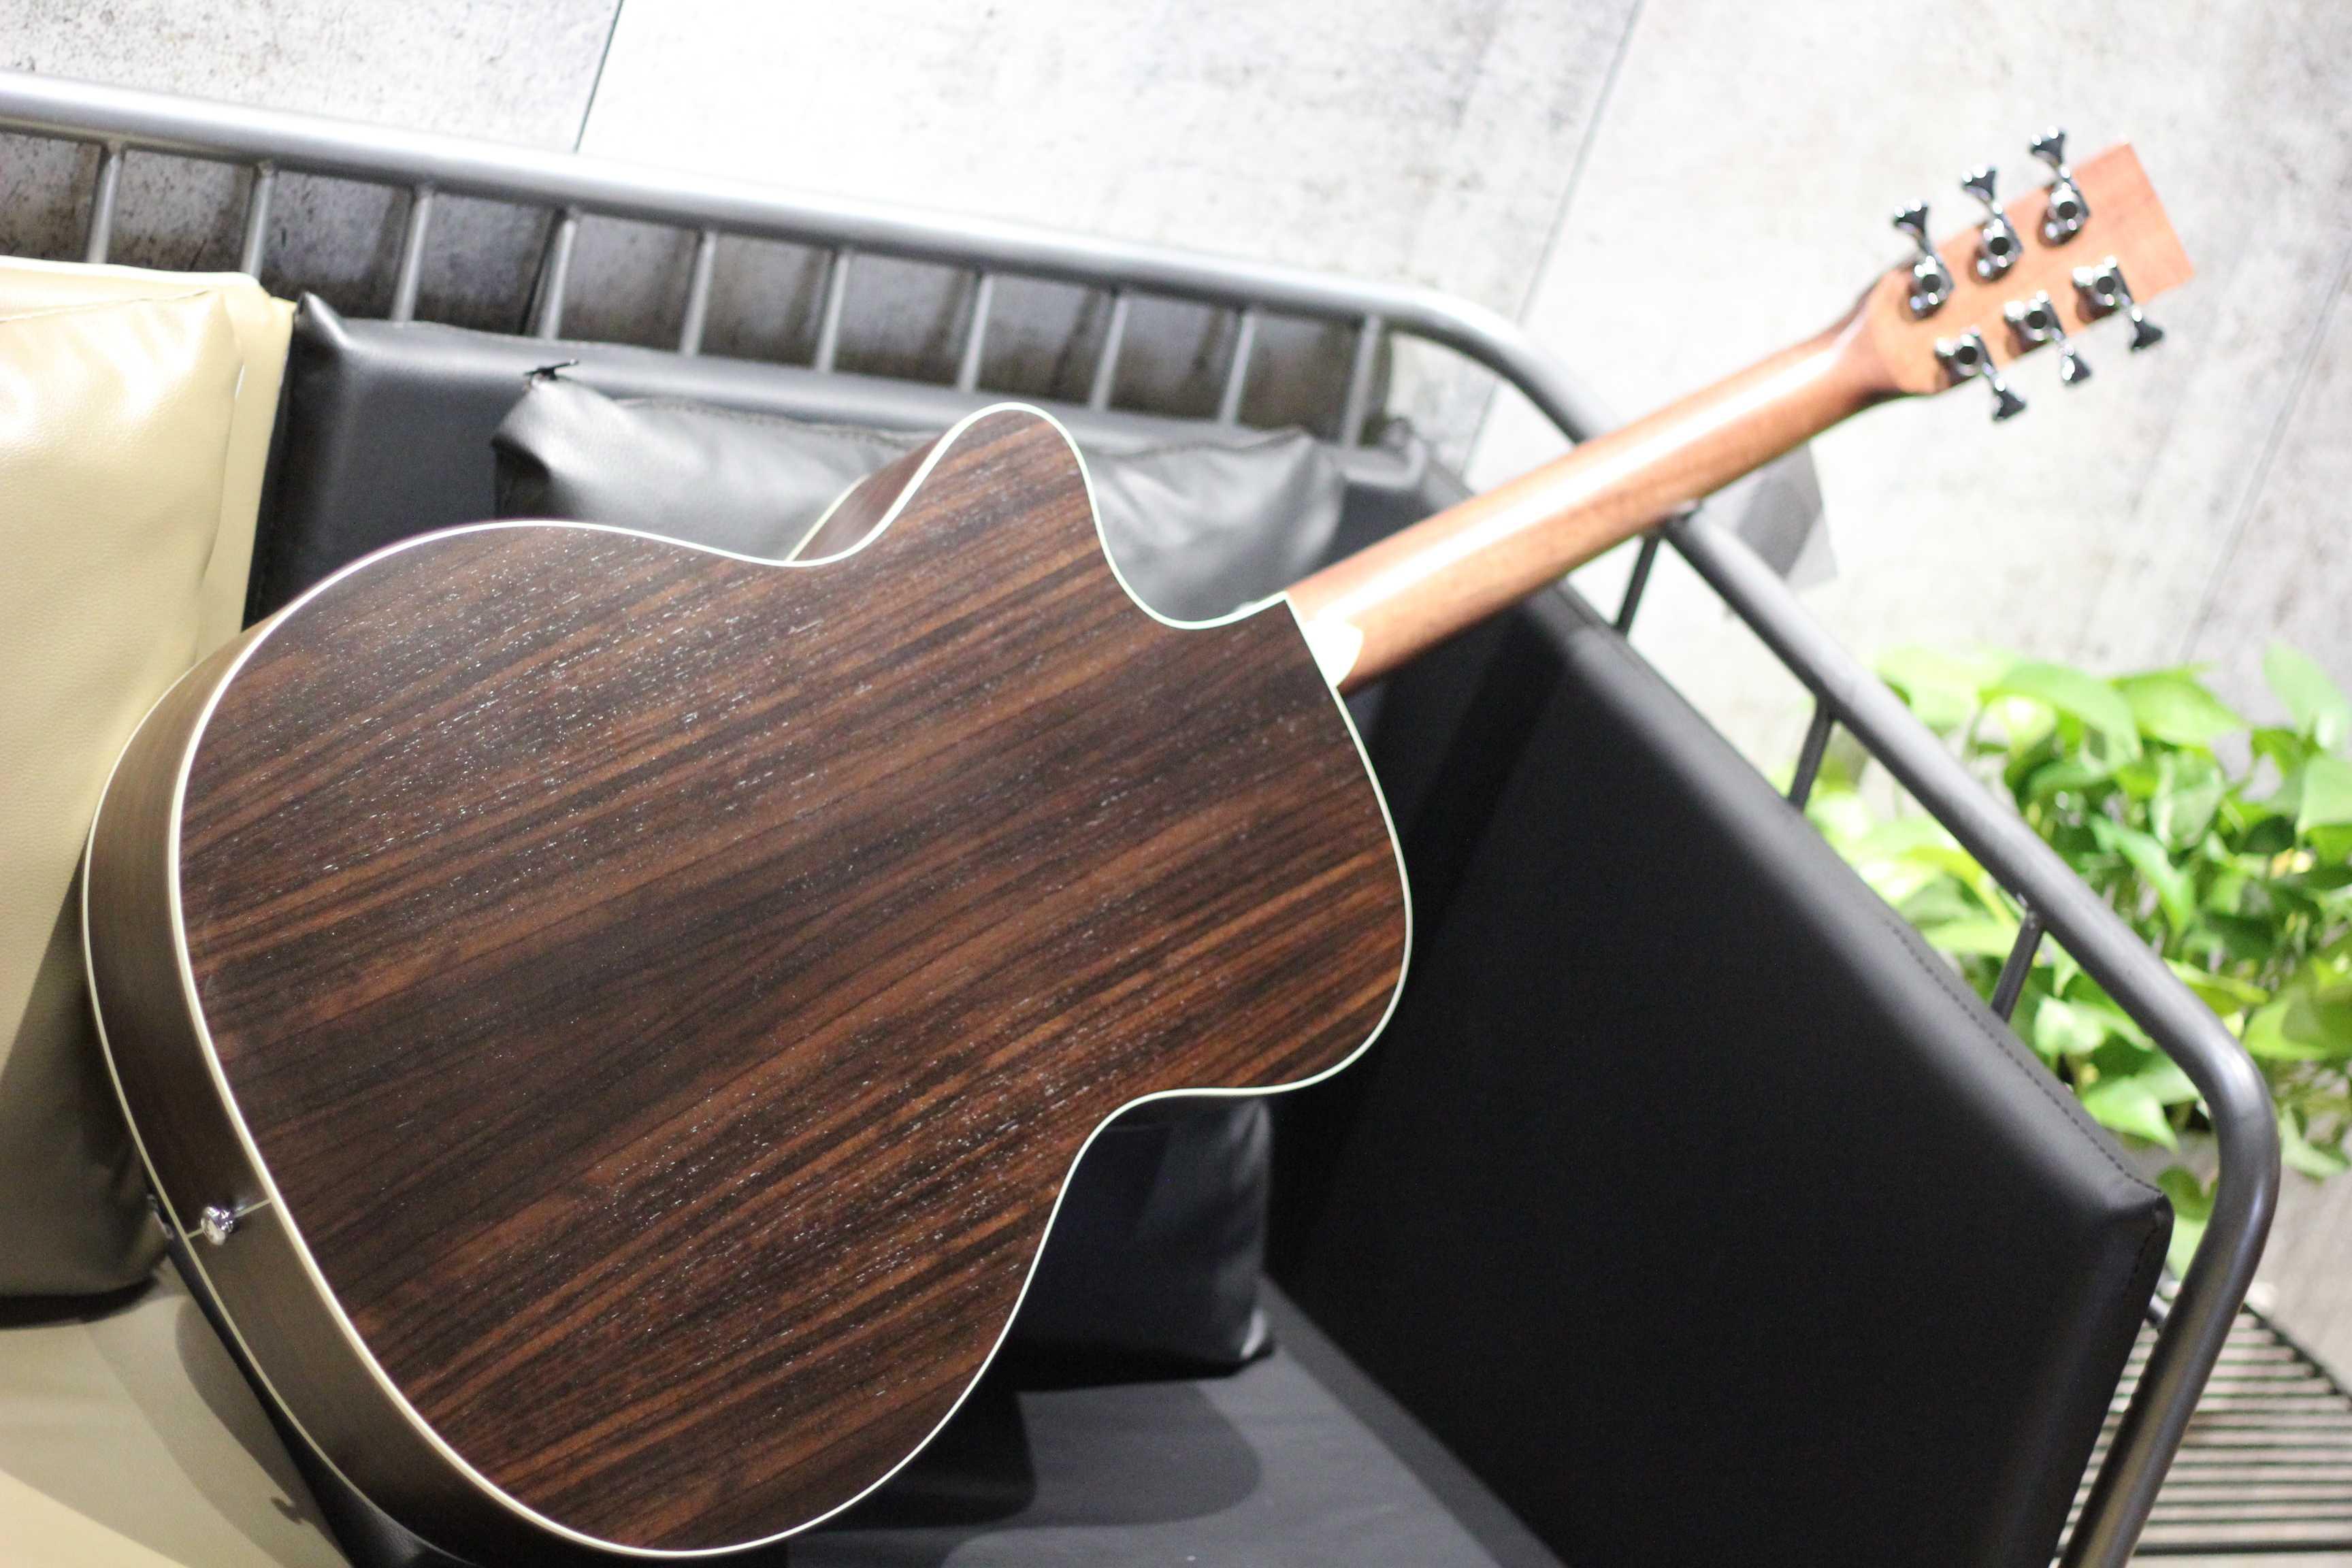 yamo ooo-28cns雅木40寸缺角吉他2350.00元包邮